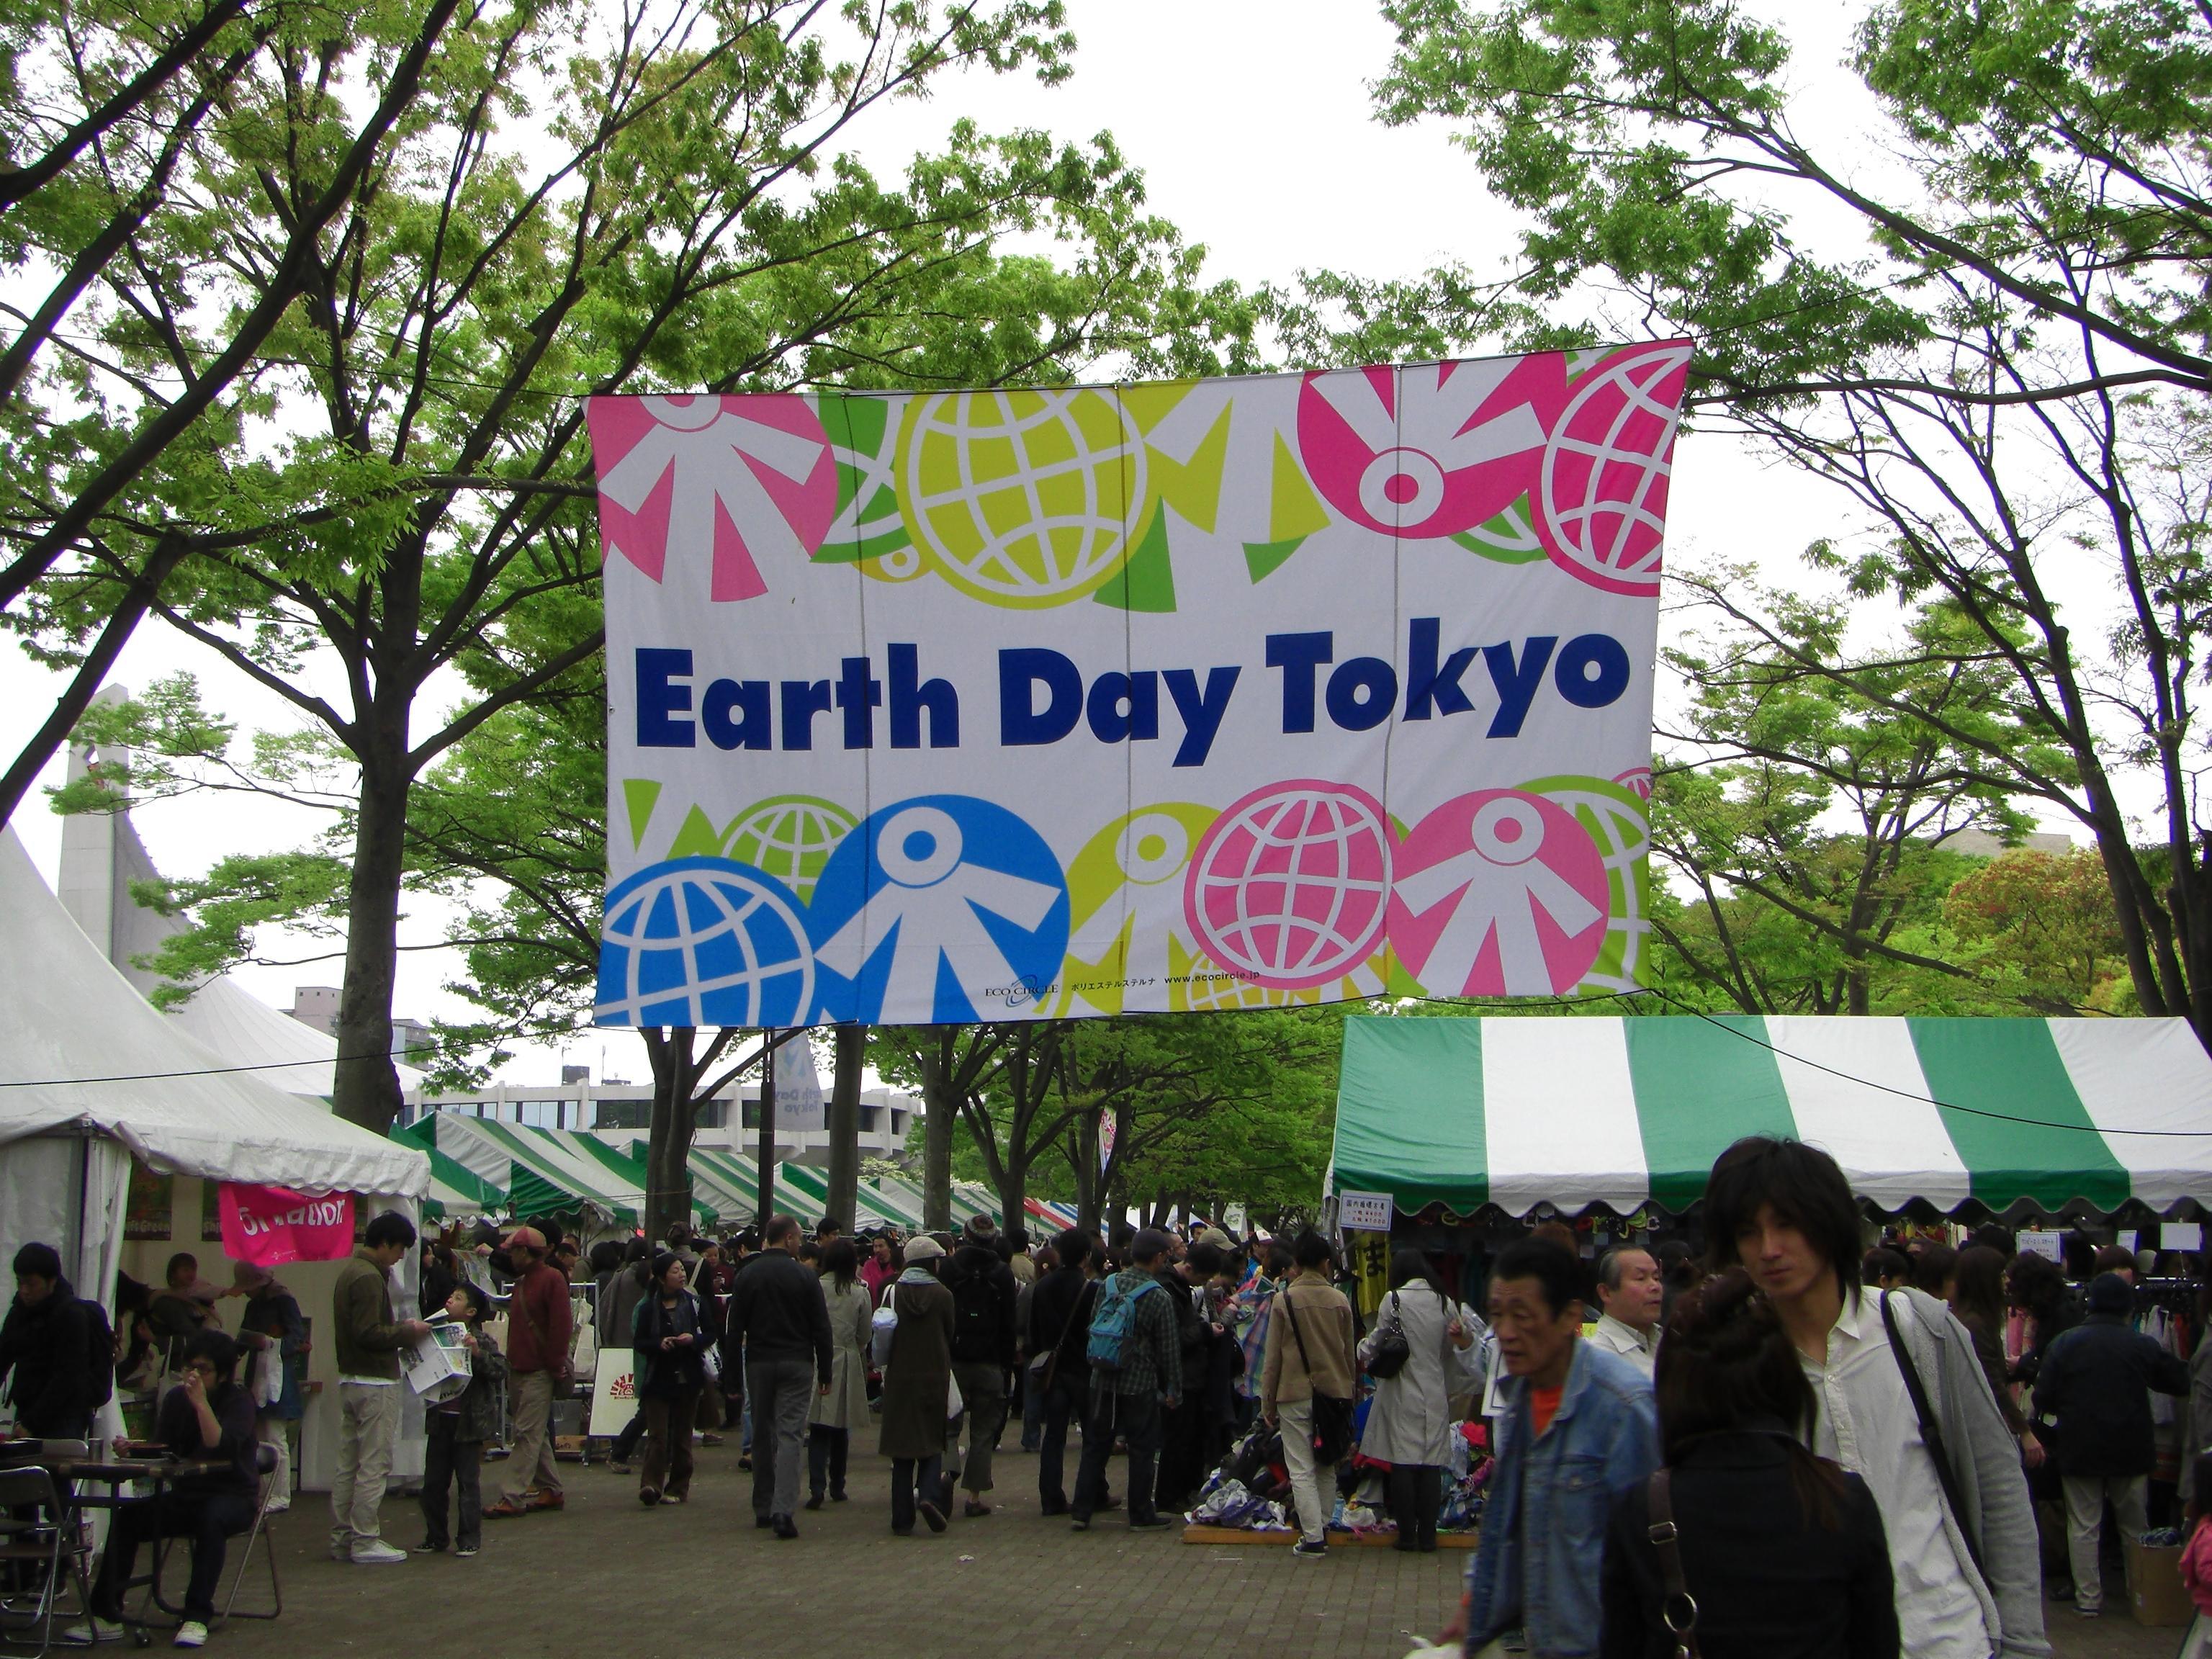 再び!earth day tokyo 2008!!